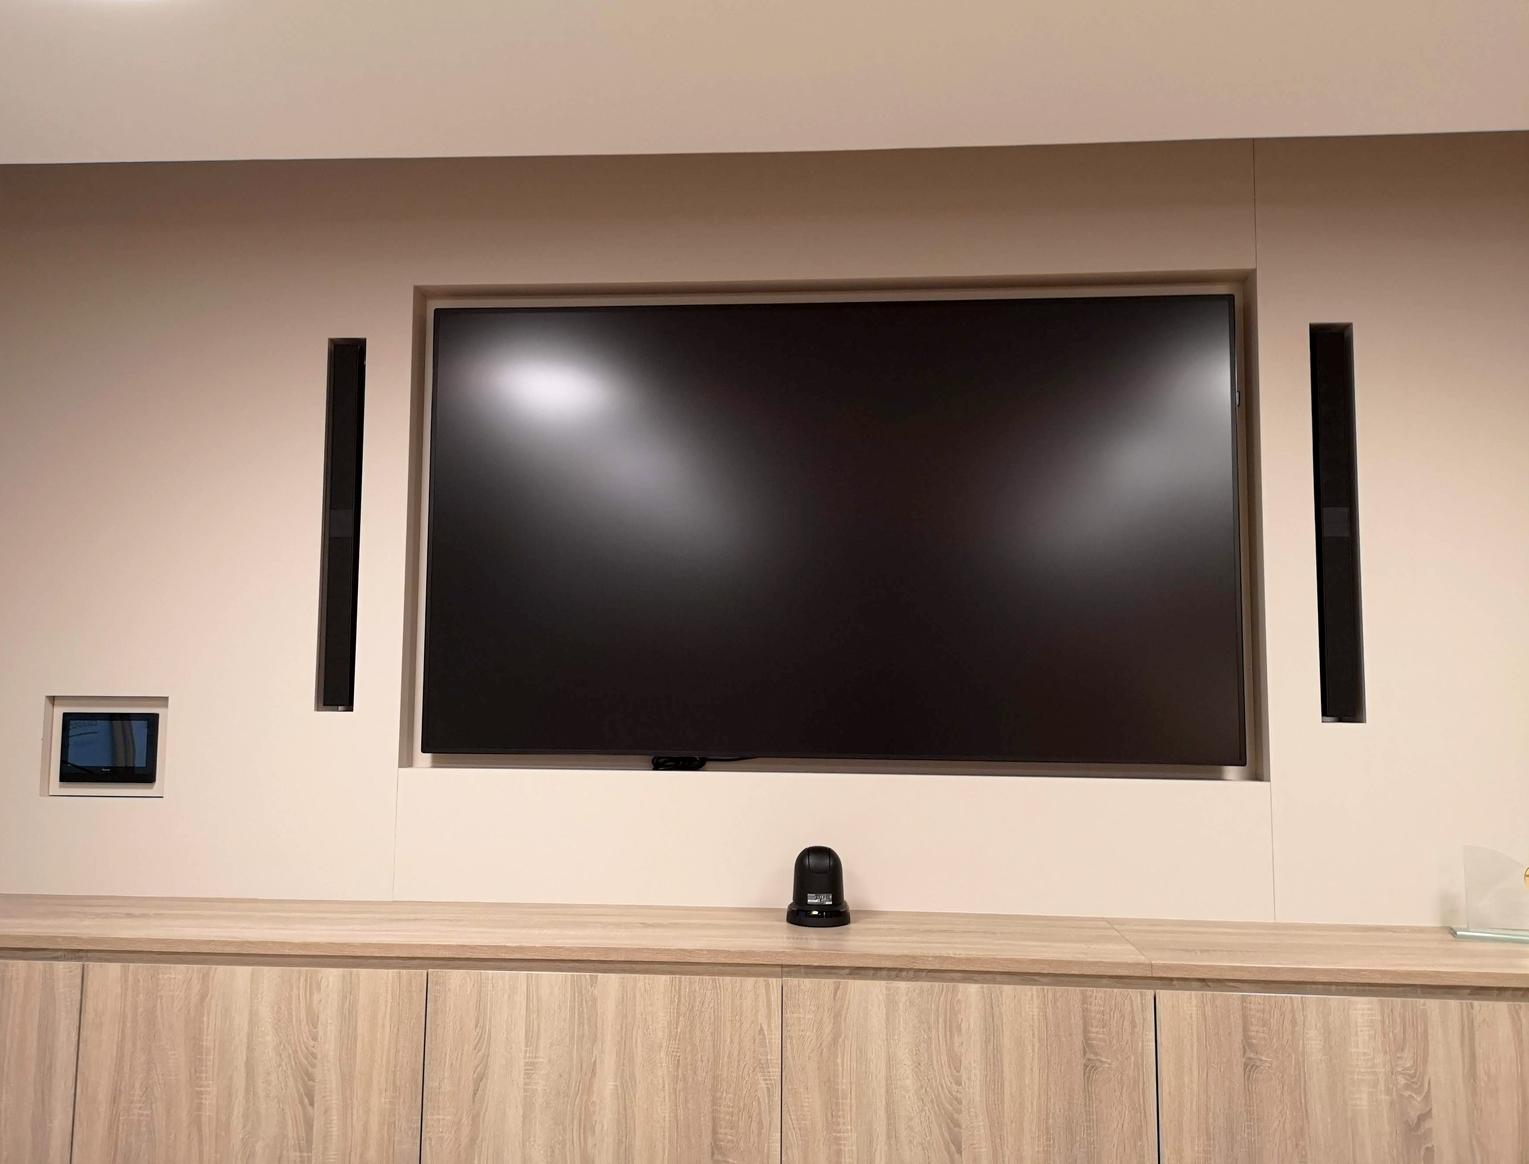 Intégration de cet écran dans le mur